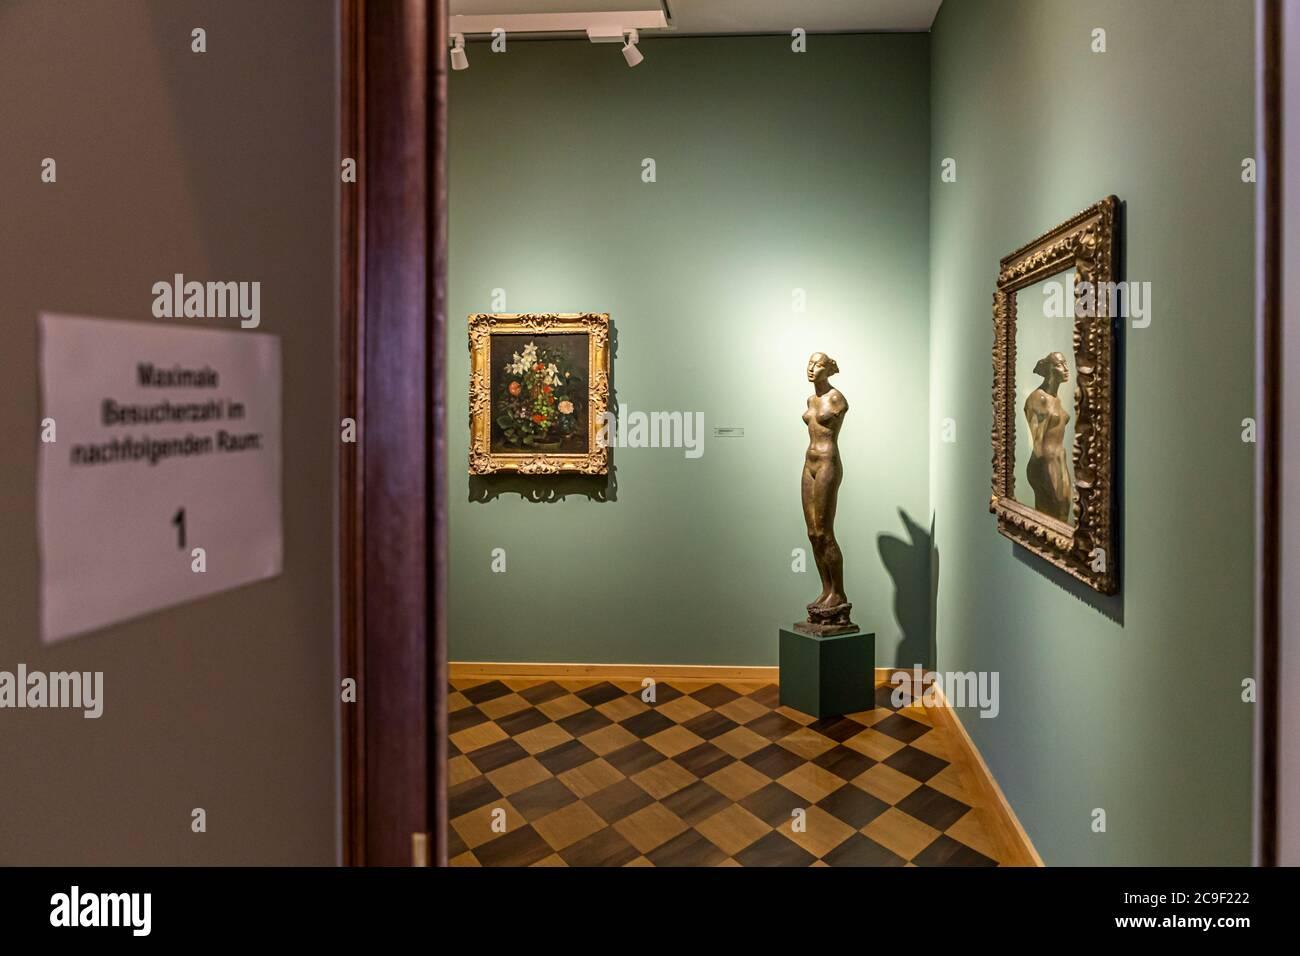 Reinhart Collection formed by Oskar Reinhart in Winterthur, Switzerland Stock Photo